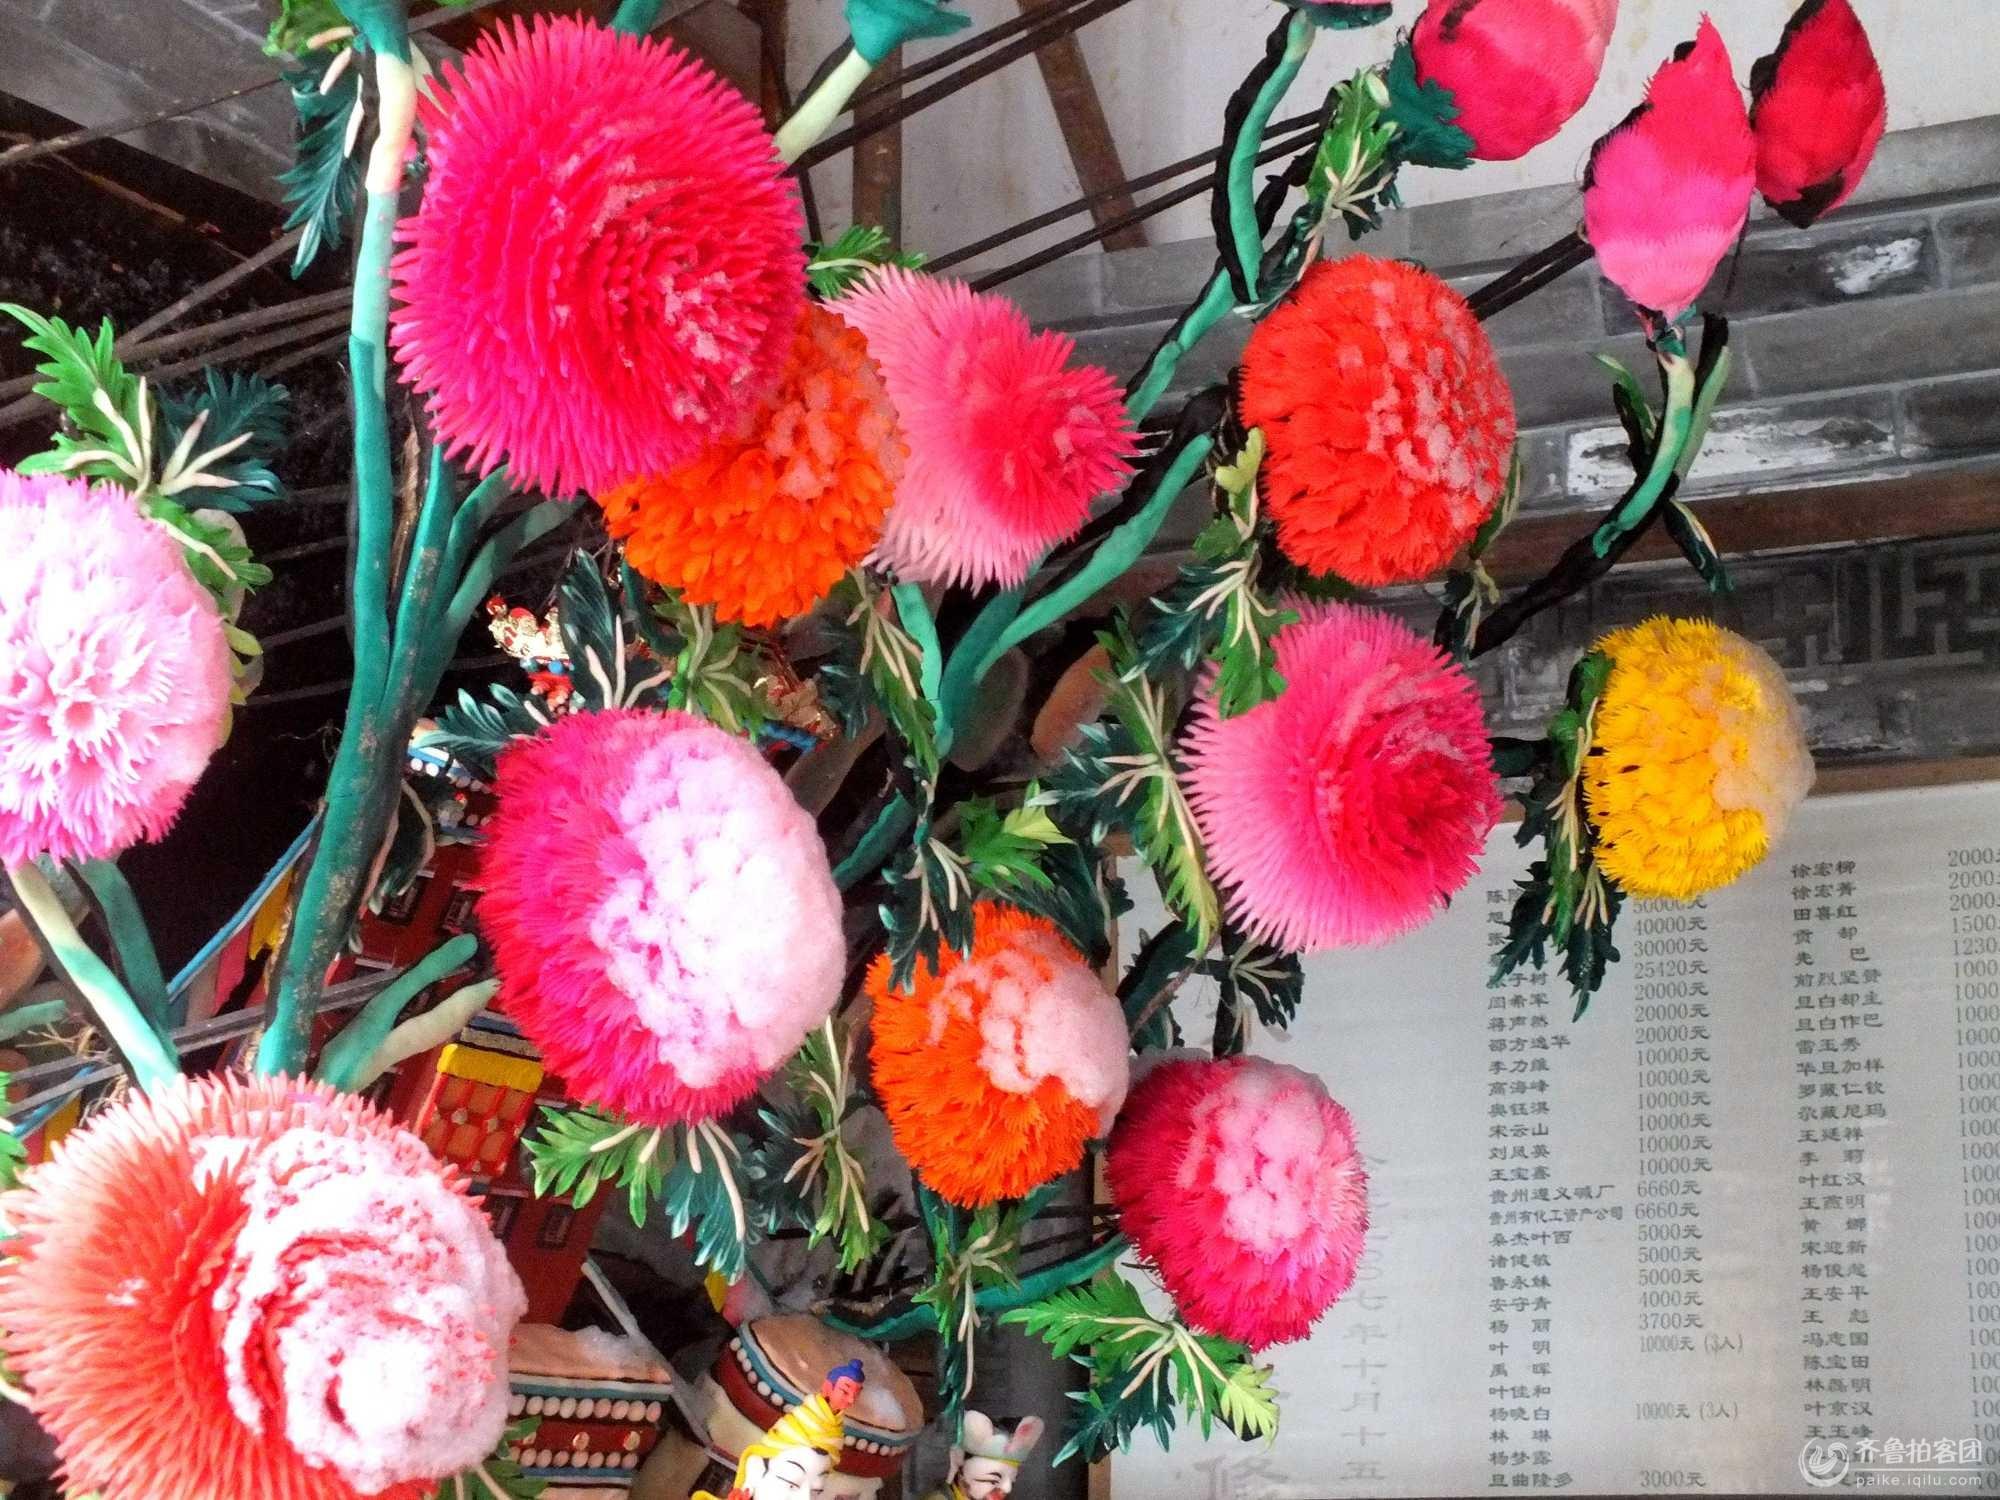 每年的正月十五青海塔尔寺都要展出栩栩如生的酥油花。塔尔寺的酥油花、壁画、堆绣被誉为塔尔寺艺术三绝 酥油花是以洁白细腻的酥油为原料调入各种矿物质颜色制成的油塑艺术品。塔尔寺酥油花集雕塑艺术之大成,不仅具有很高的艺术水平和独特的艺术风格,而且规模宏大壮观,内容丰富多采。这惟妙惟肖、栩栩如生的酥油花淋漓尽致的表现了佛国艺术的精华!蓓蕾初绽的酥油花芬芳馥郁。我们仿佛可以闻到那沁人肺腑、淡雅清新的花香。个性鲜明、形象生动的人物,我们仿佛听见它们在窃窃私语,从他们多情的眼神中仿佛可以读懂他们的喜怒哀乐、悲欢离合。雄伟